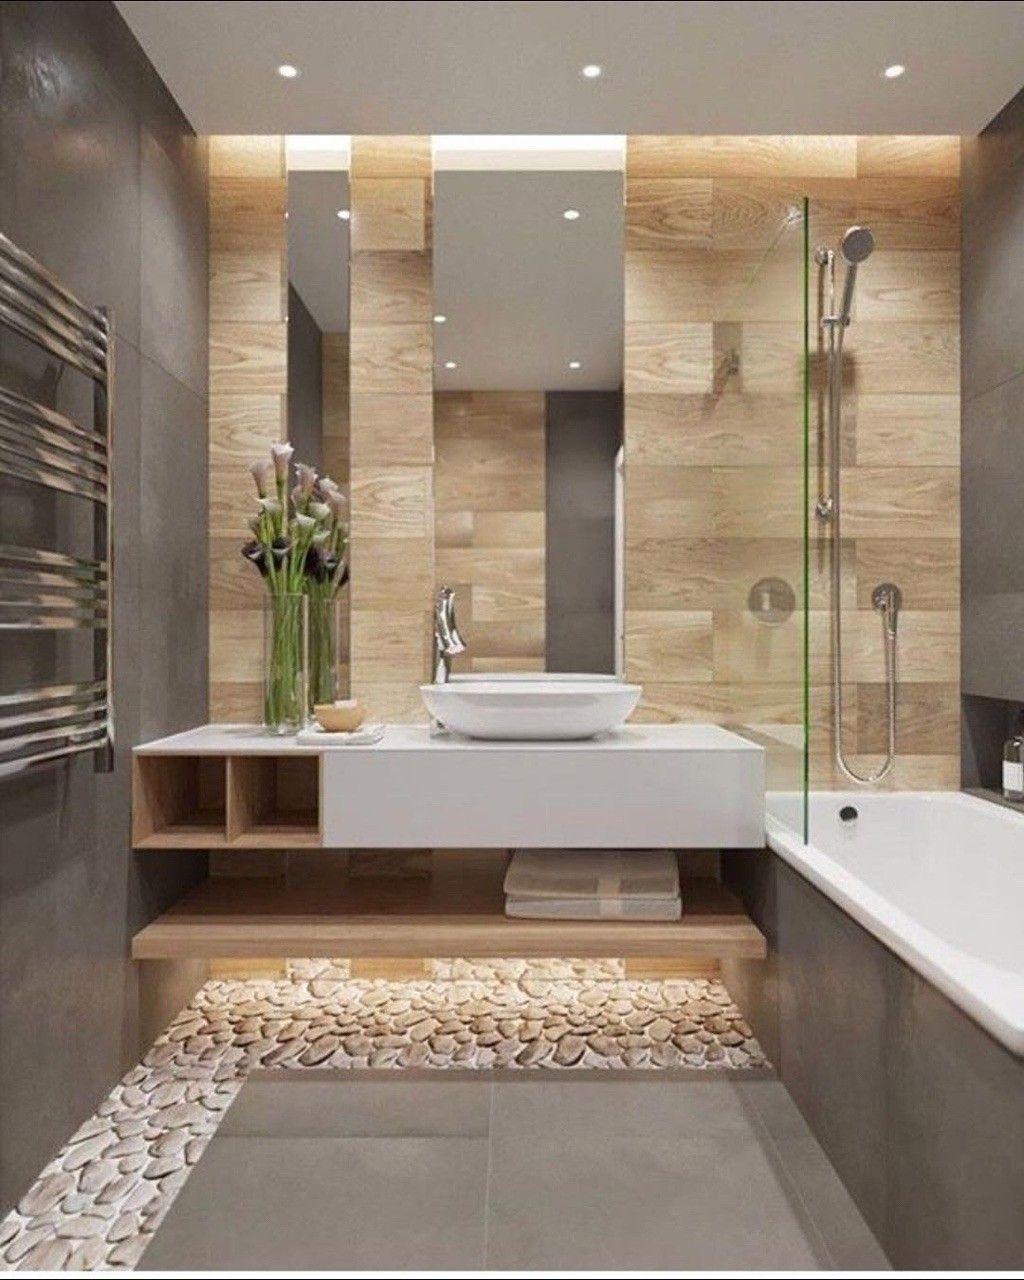 Pin Von Jacques De Villiers Auf Home Ideas Badezimmer Innenausstattung Badezimmer Renovieren Badezimmer